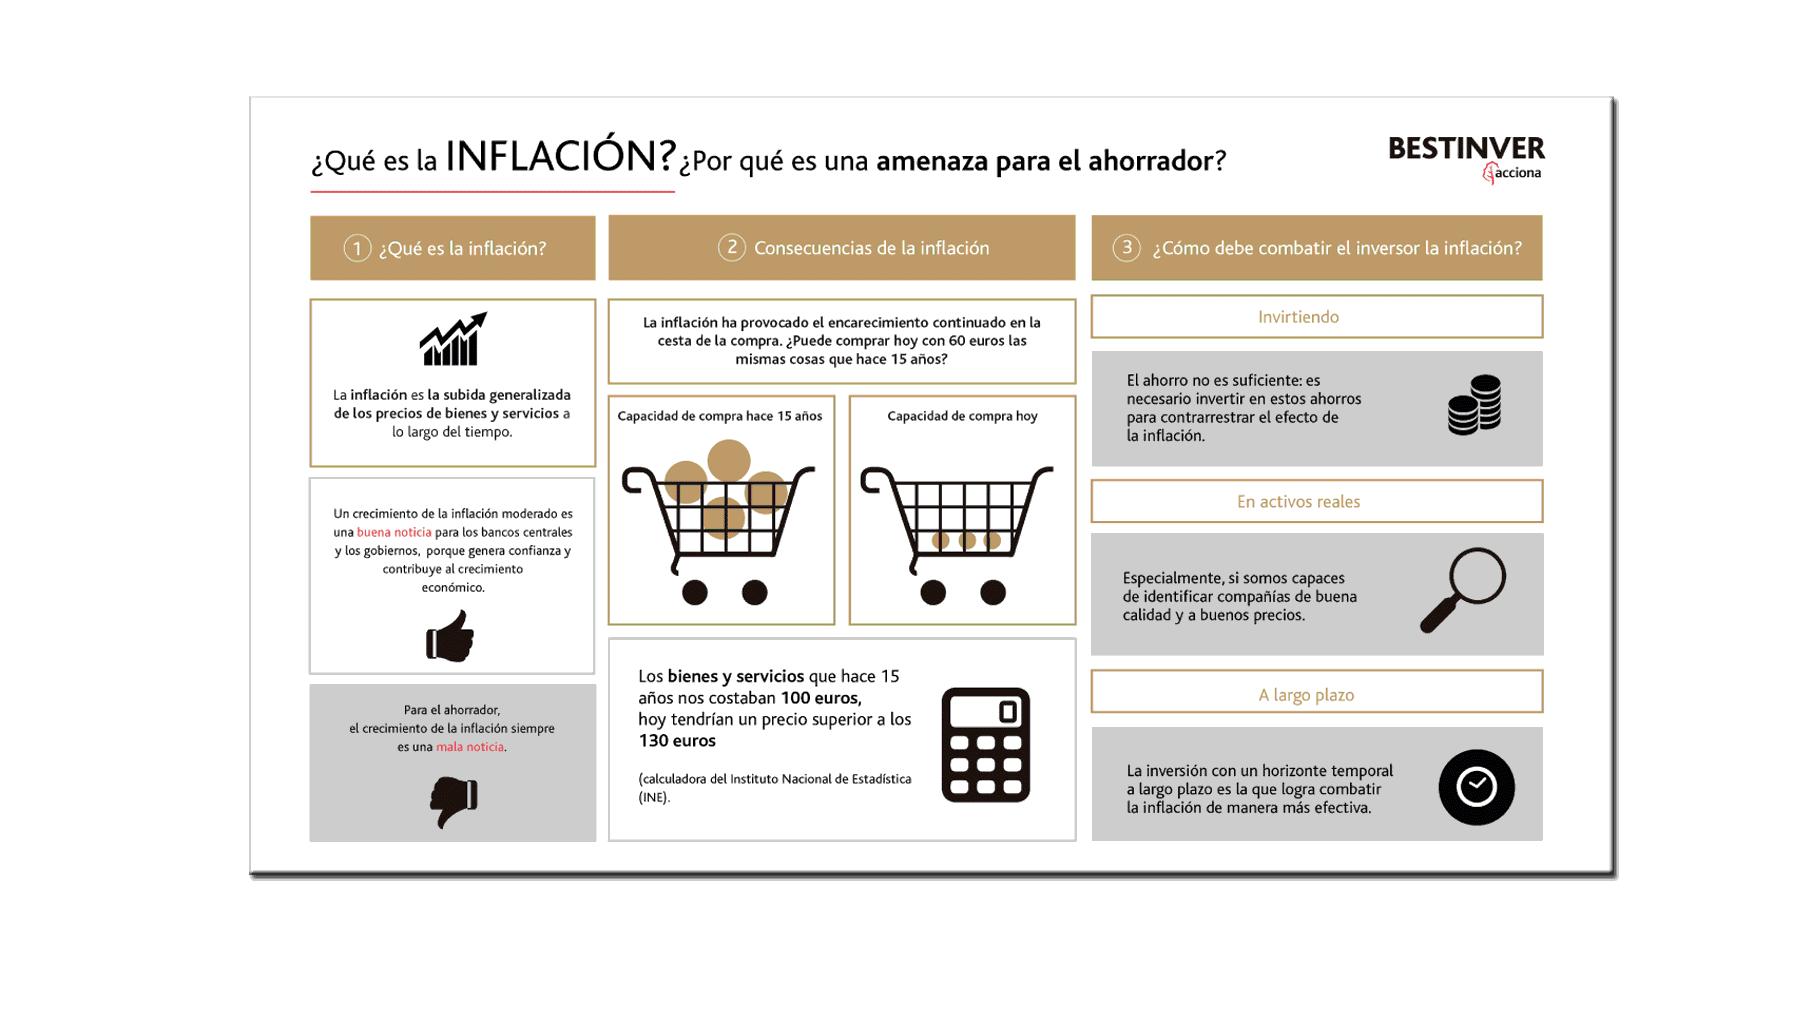 Qué es la inflación y por qué es una amenaza para el ahorrador